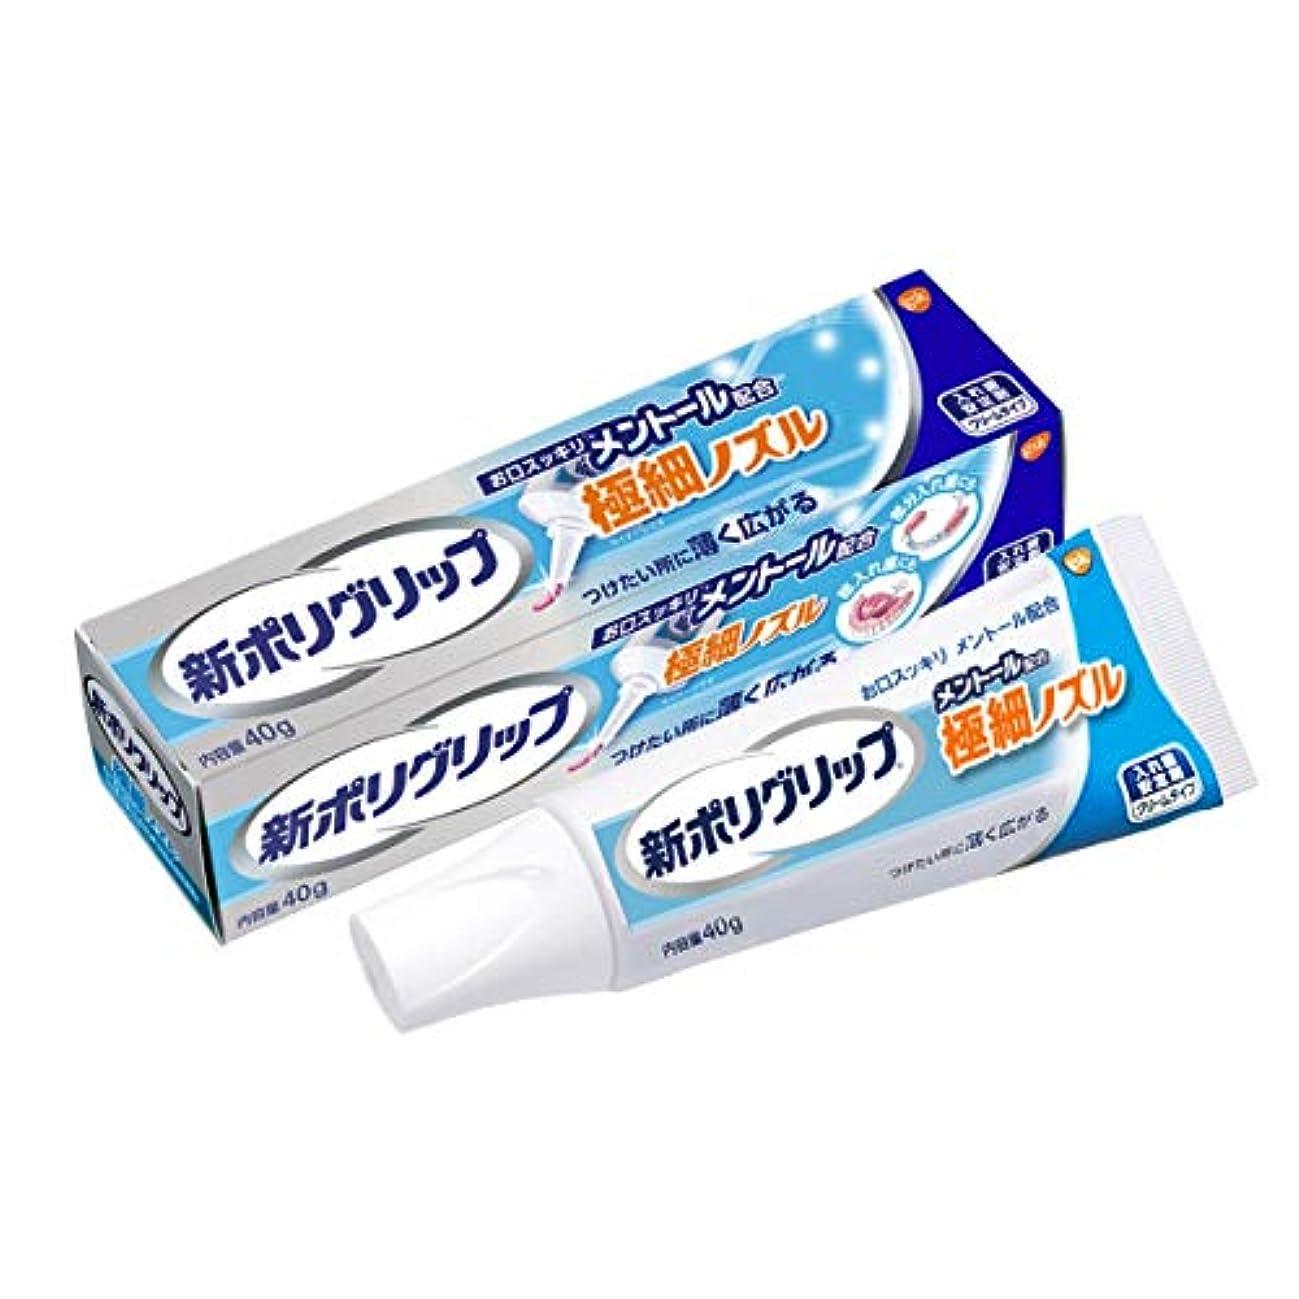 続編最初値下げ部分?総入れ歯安定剤 新ポリグリップ極細ノズル メントール 40g